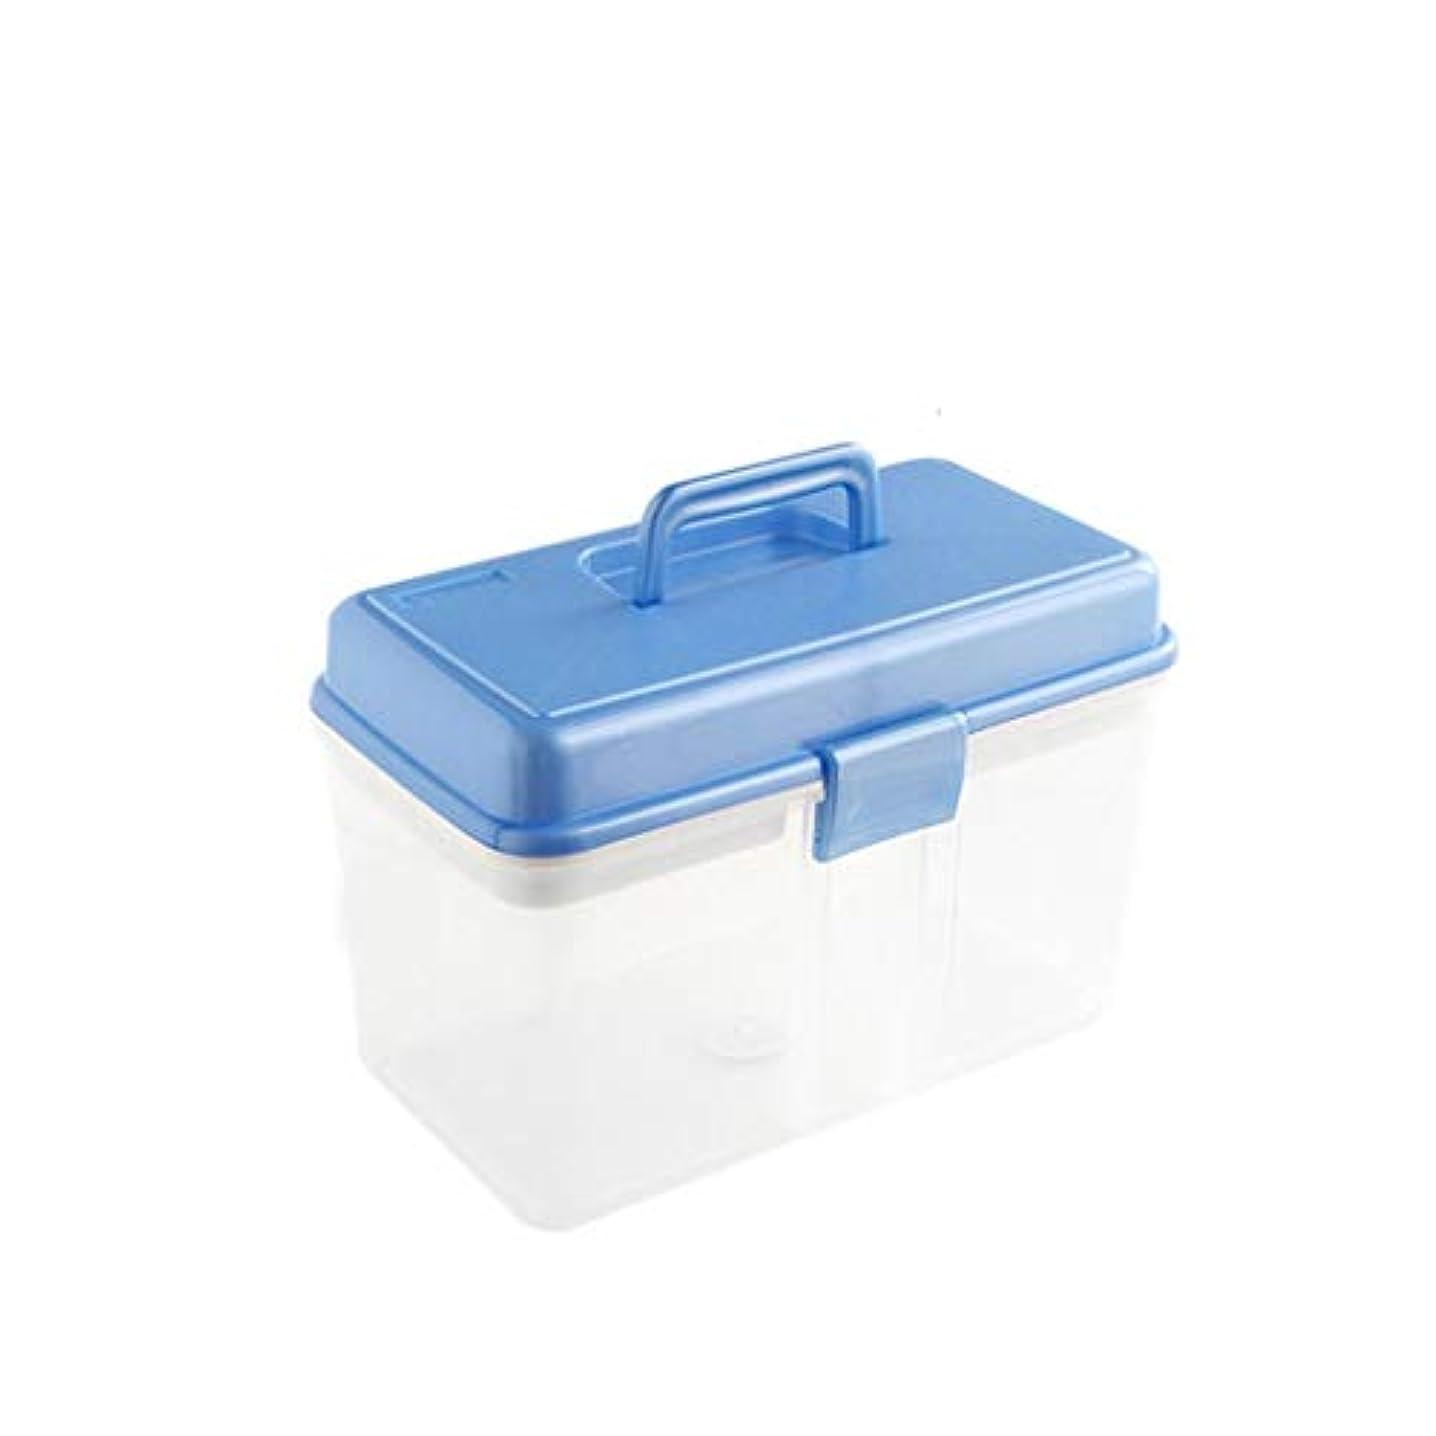 探偵聖域練る薬箱ファミリー大型プラスチック子供救急箱薬箱収納 HUXIUPING (Color : Blue)